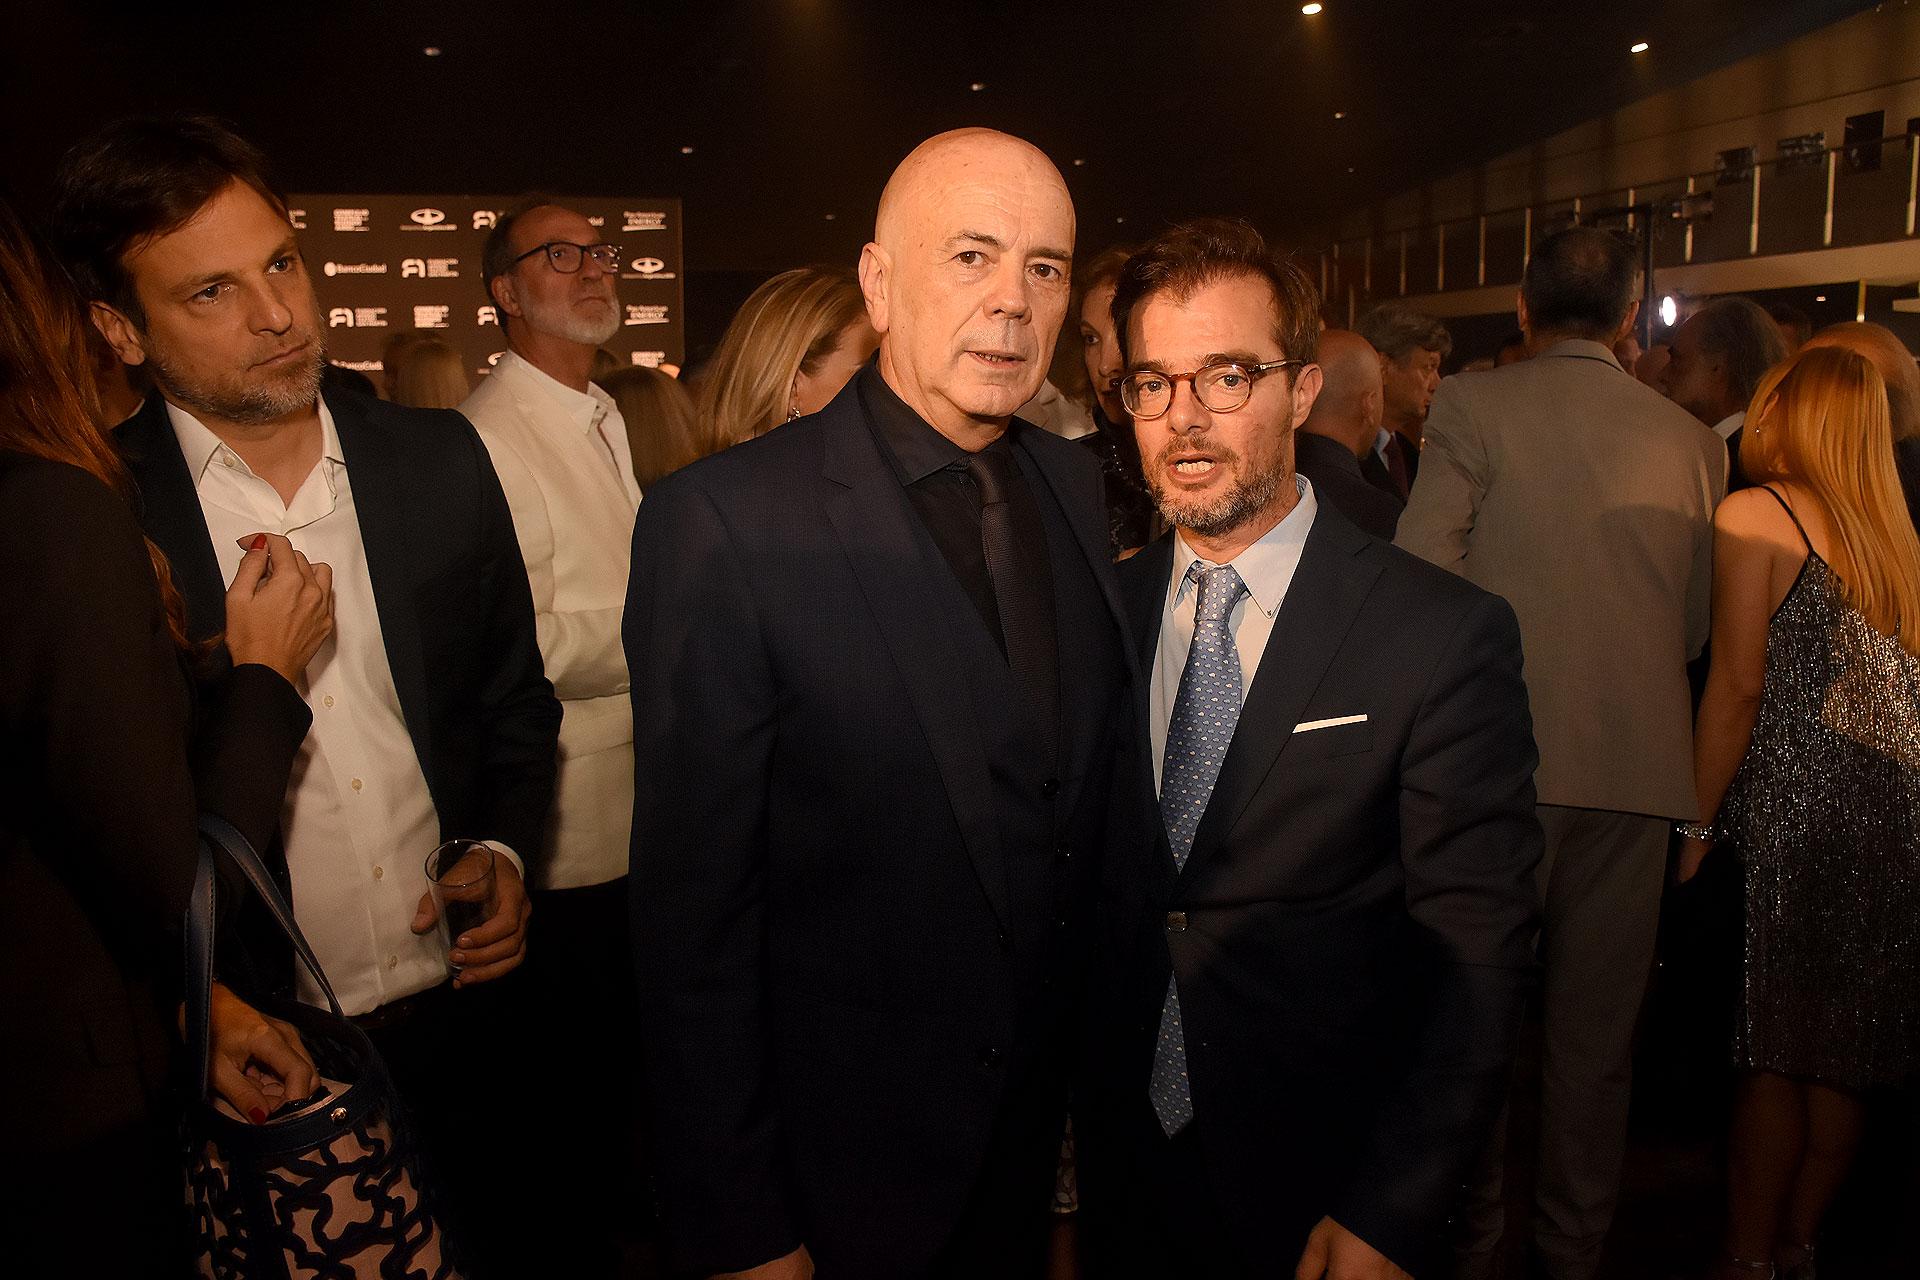 Jorge Telerman, director del Complejo Teatral de Buenos Aires, y Enrique Avogadro, ministro de Cultura porteño